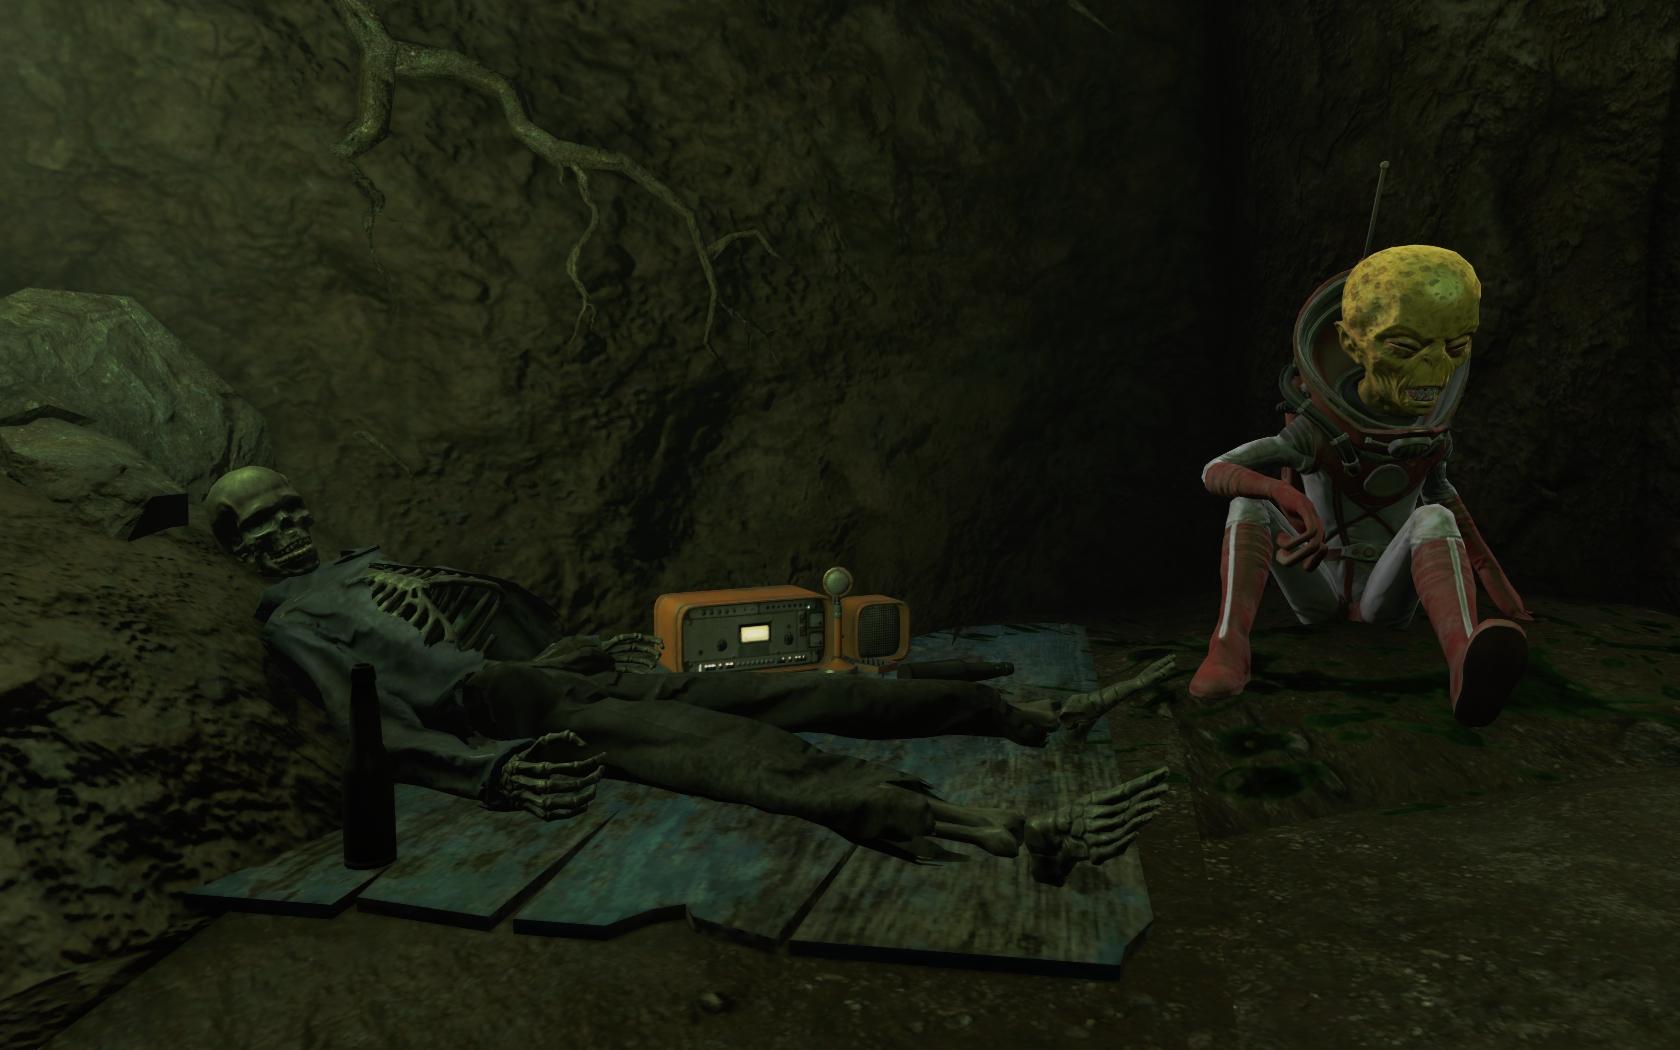 Чужой в пещере (юго-восточнее Станции Оберленд) #3 - Fallout 4 Дзетанец, Оберленд, пещера, Чужой